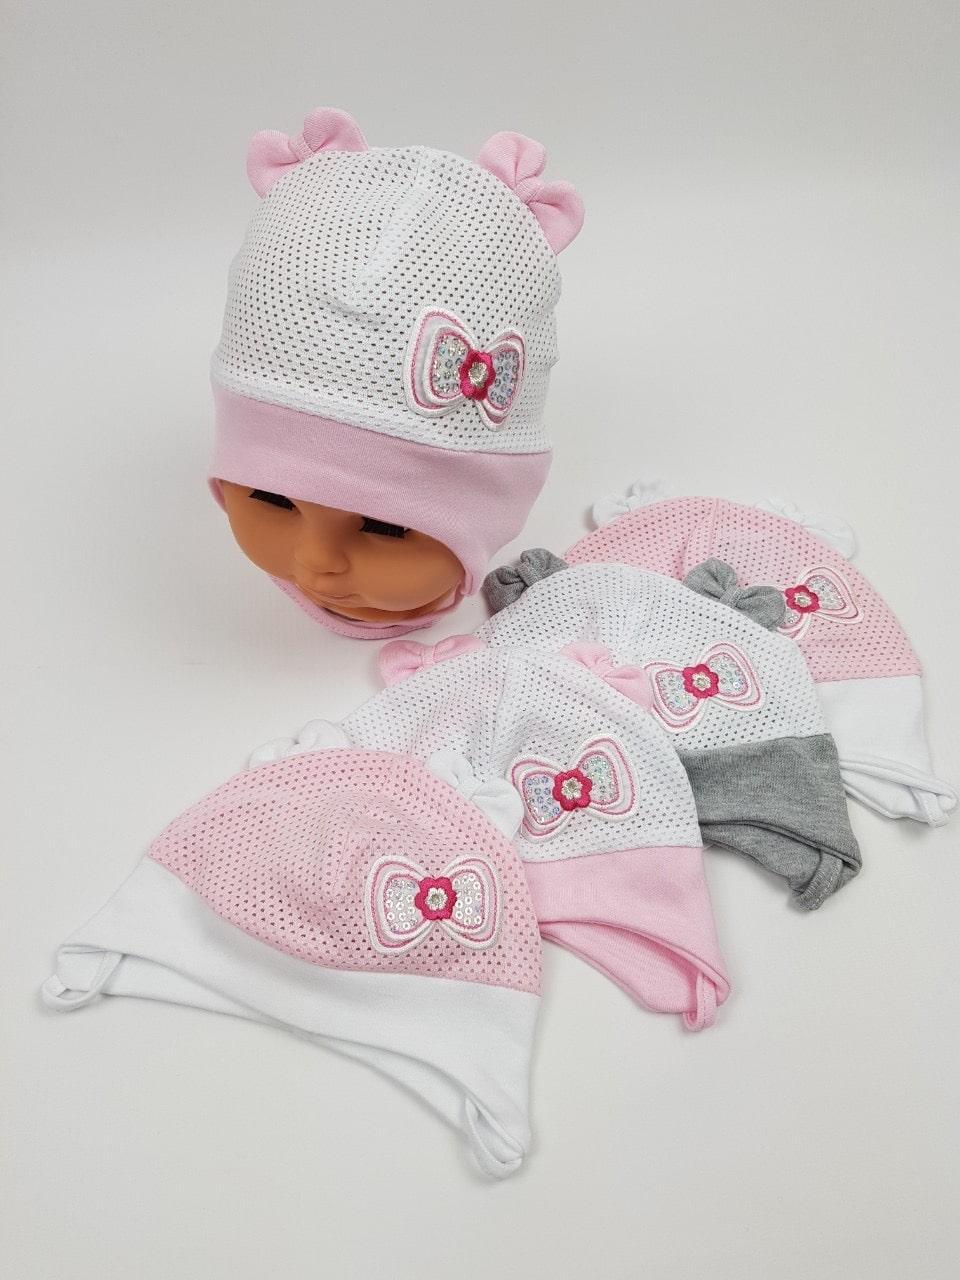 Летние детские шапочки в сеточку с ушками для девочек, р. 38-40 42-44 , Польша (Ala Baby)